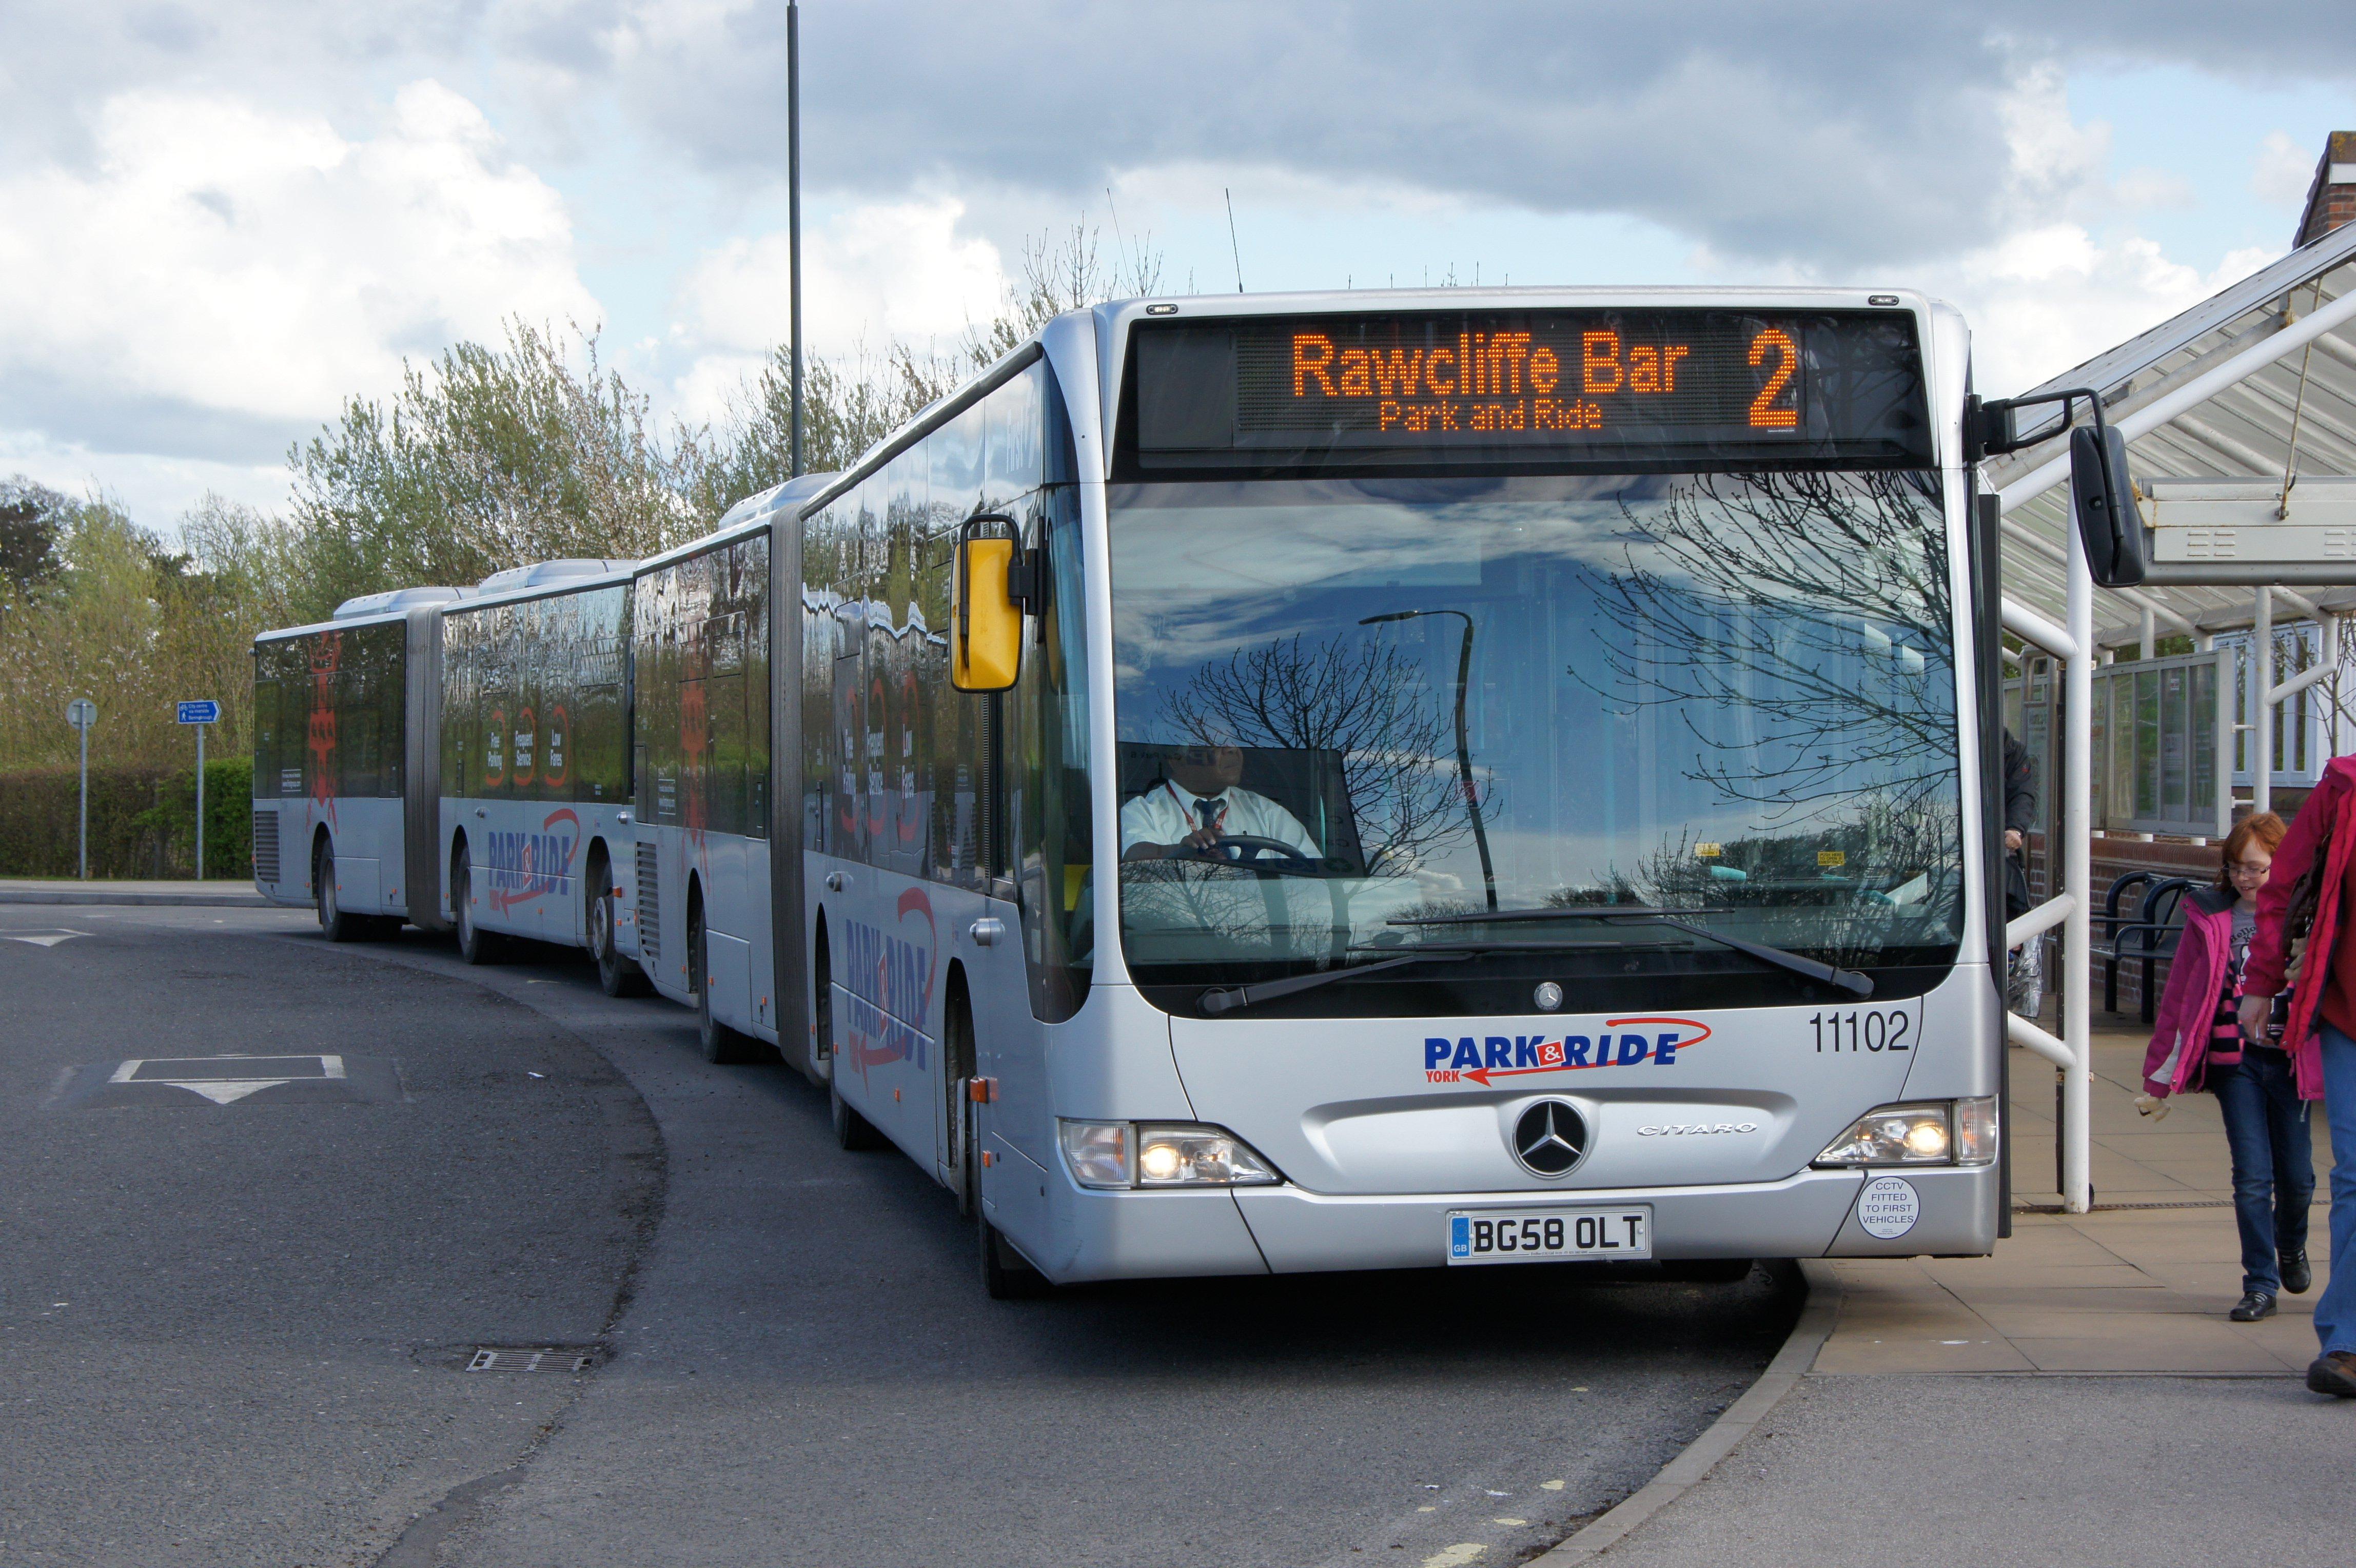 West Park Car Park Harrogate